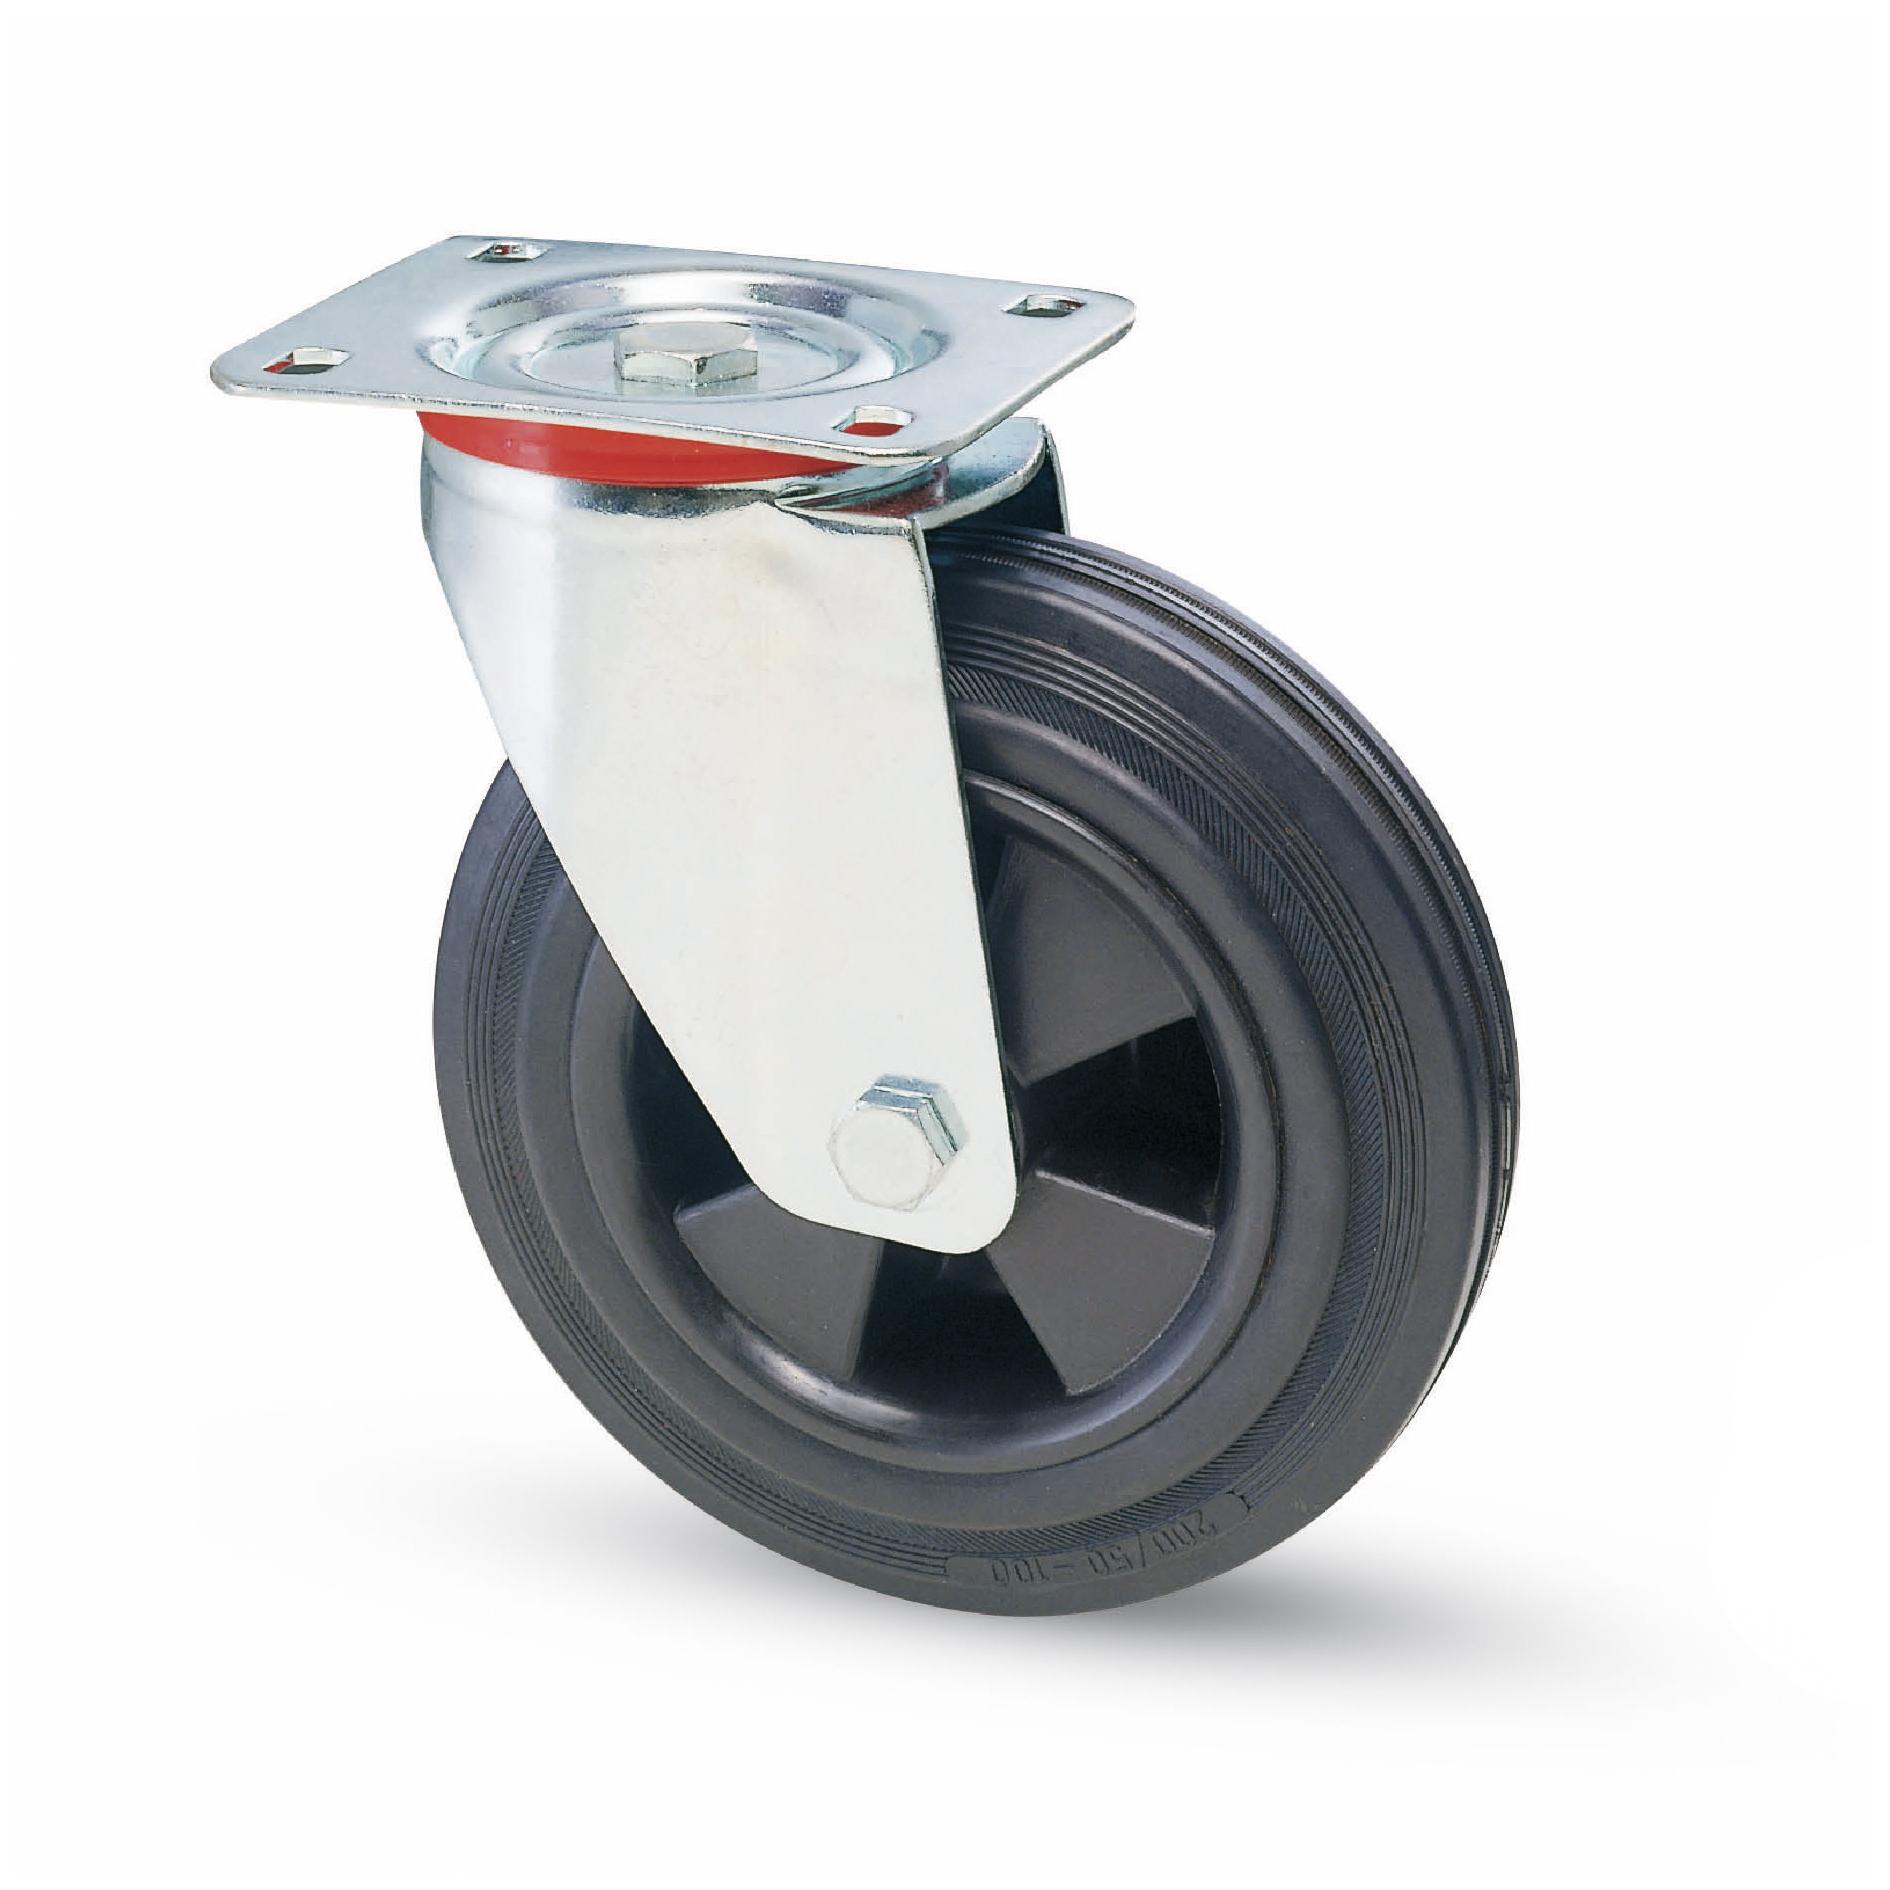 roue et roulette caoutchouc noir industries roue et roulettes zingu es. Black Bedroom Furniture Sets. Home Design Ideas